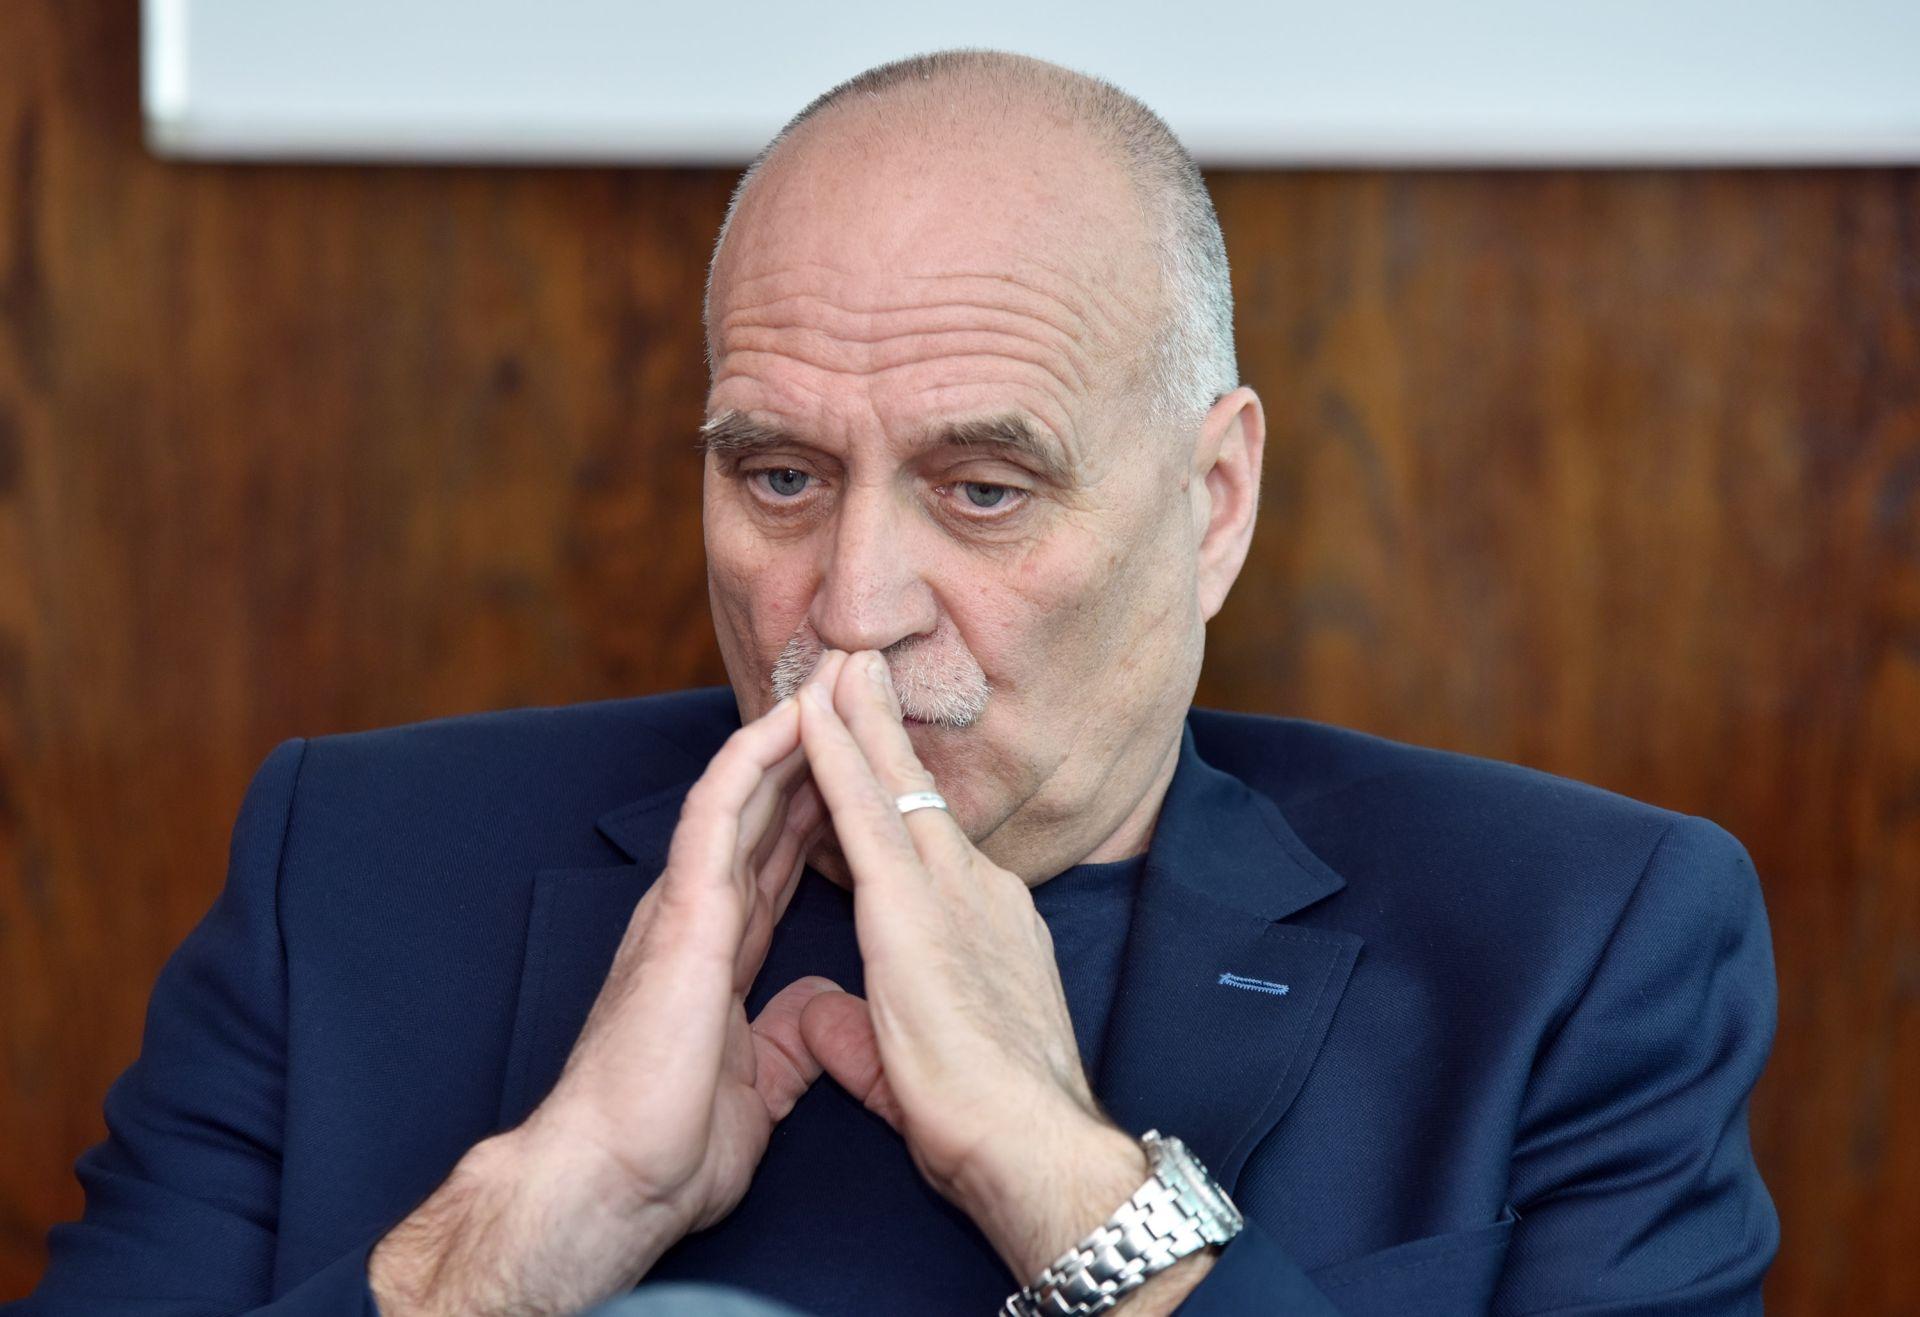 PREDSTAVNICI SINDIKATA LJUTI: Napustili sastanak zbog kašnjenja Andreja Plenkovića